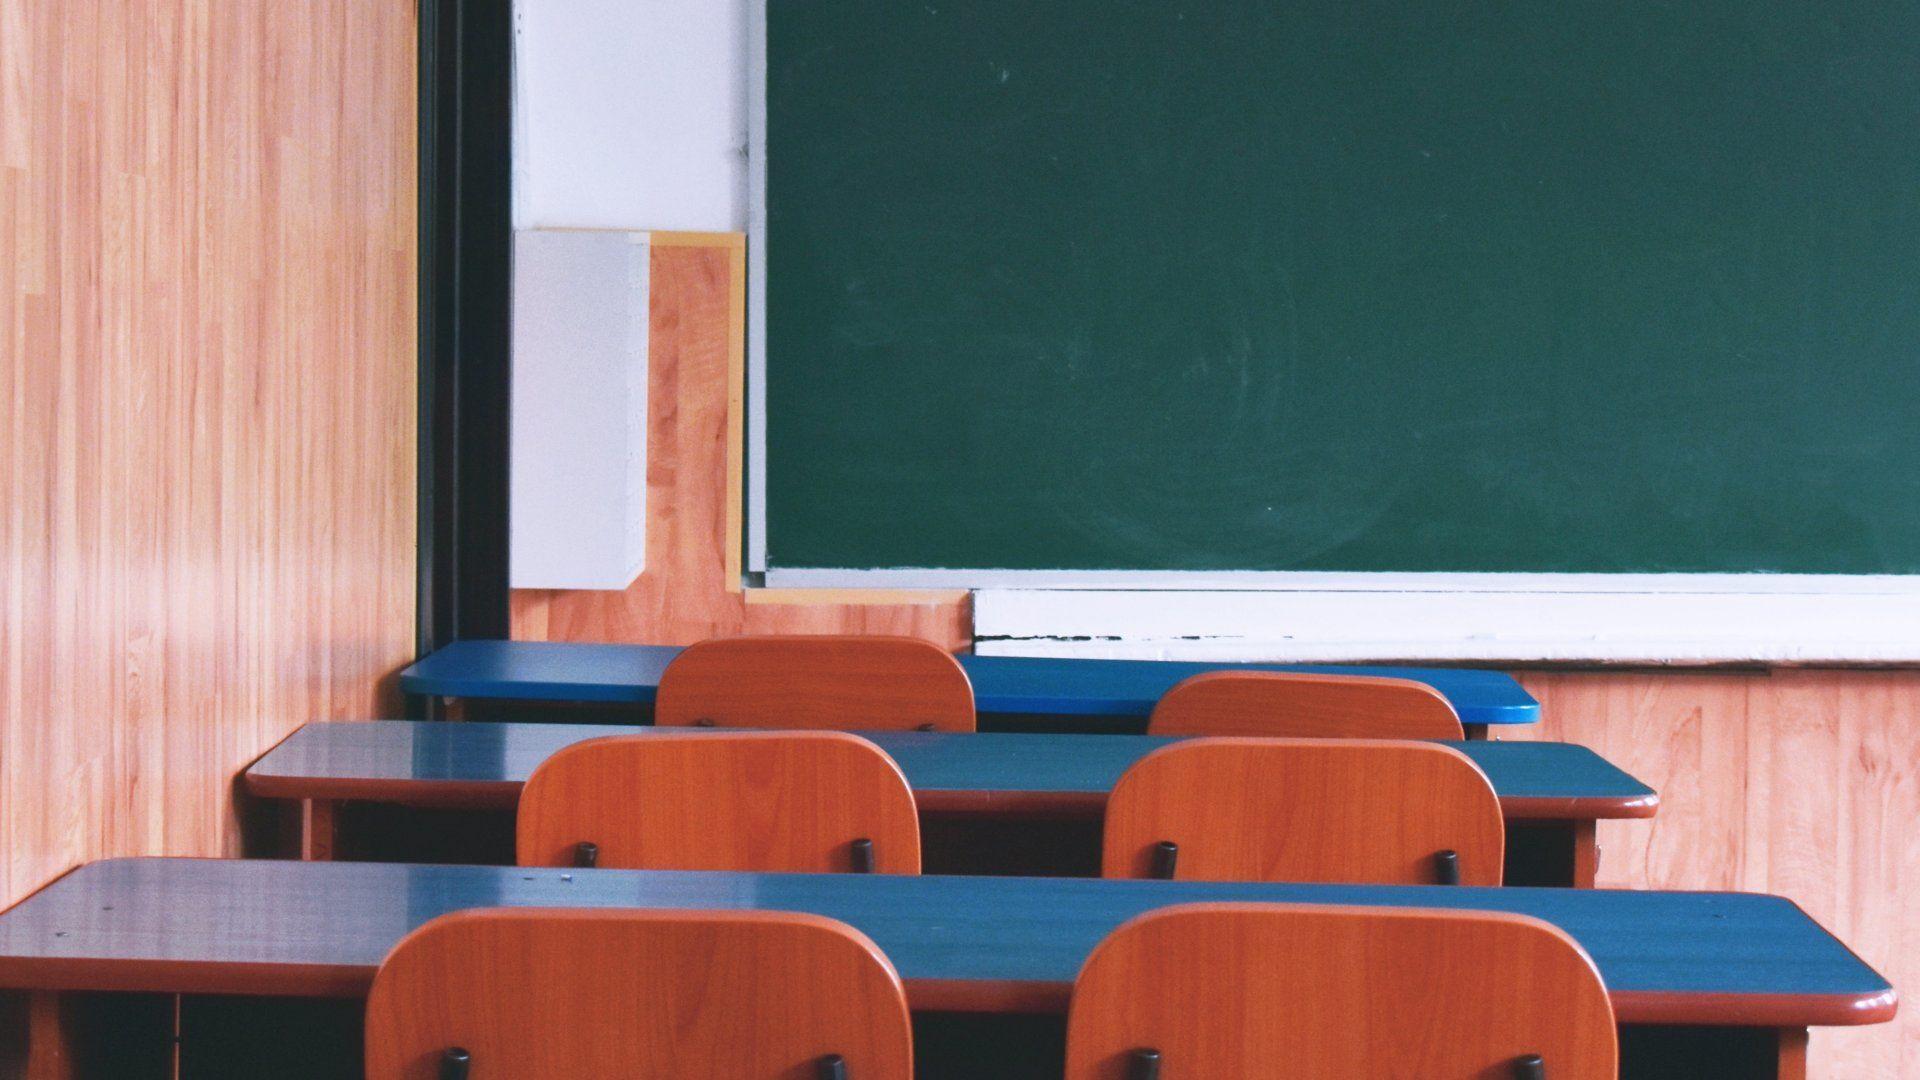 Üres osztályterem egy iskolában